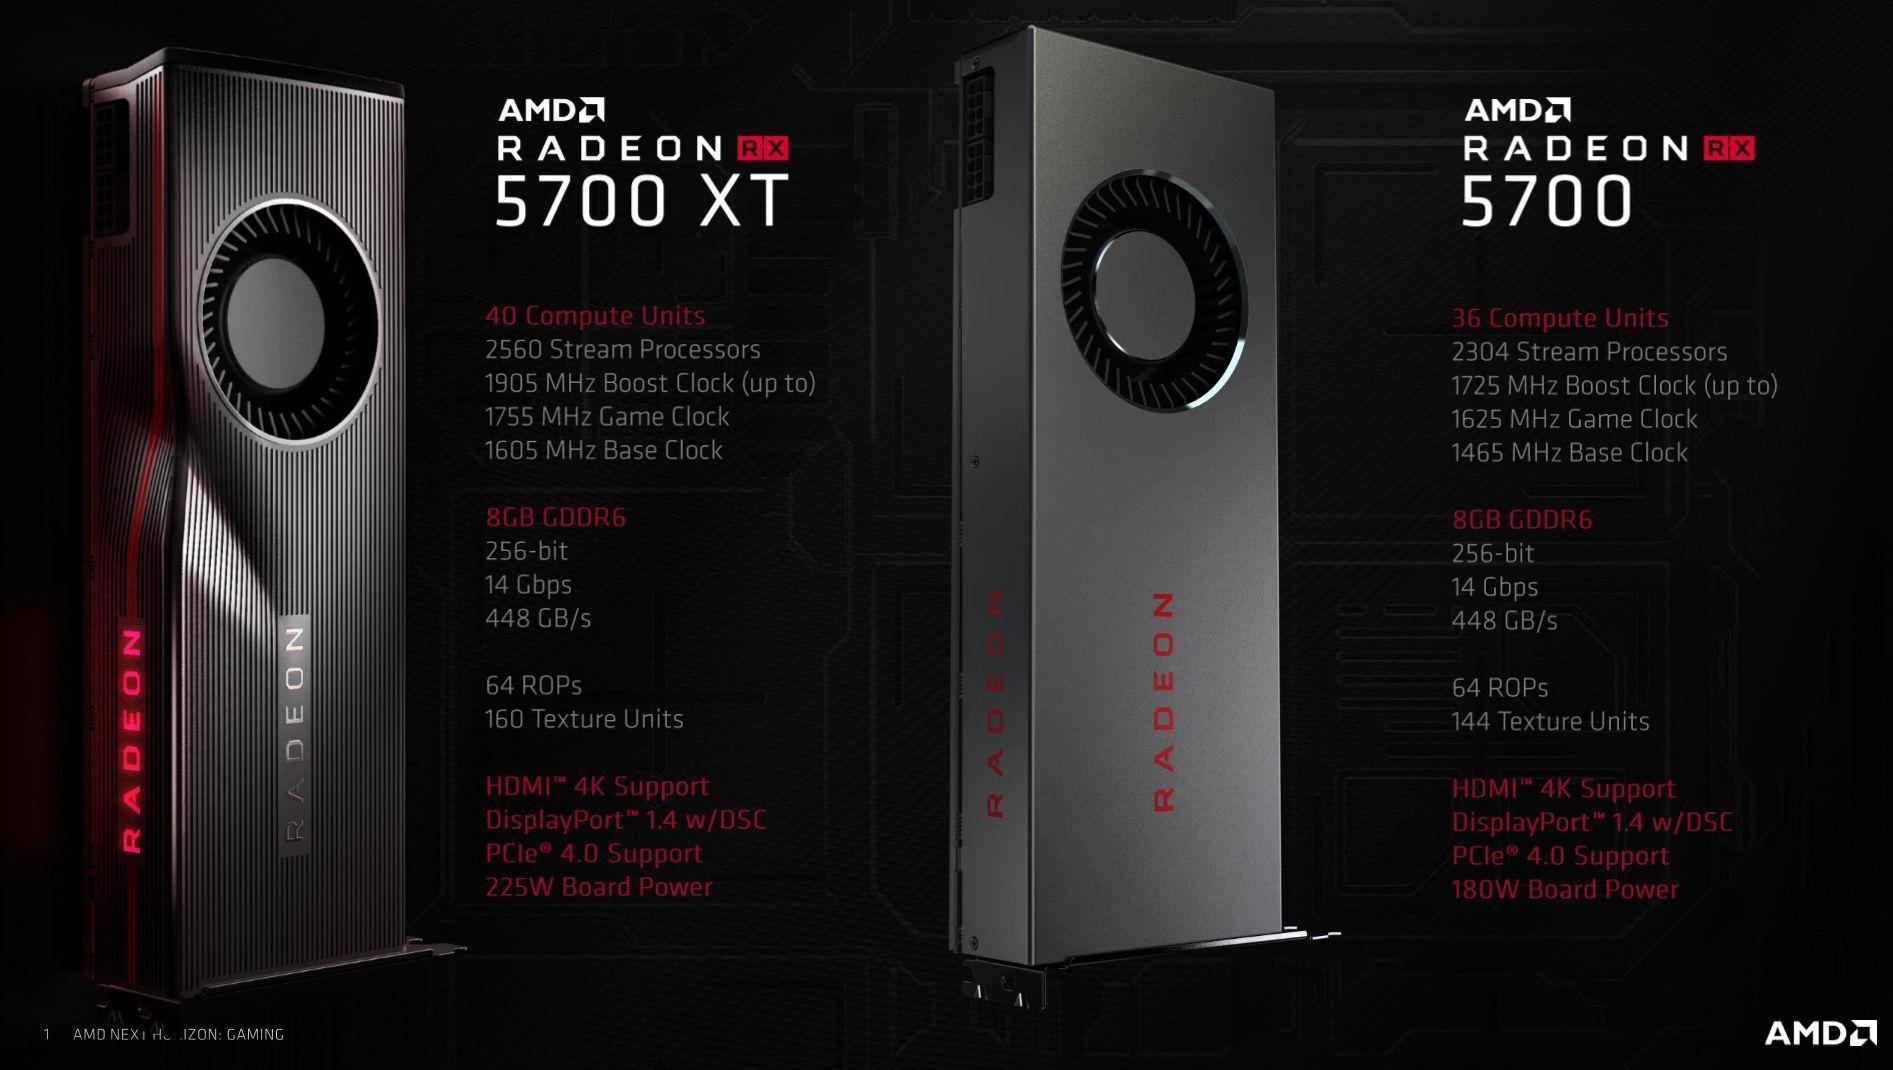 Radeon 5700